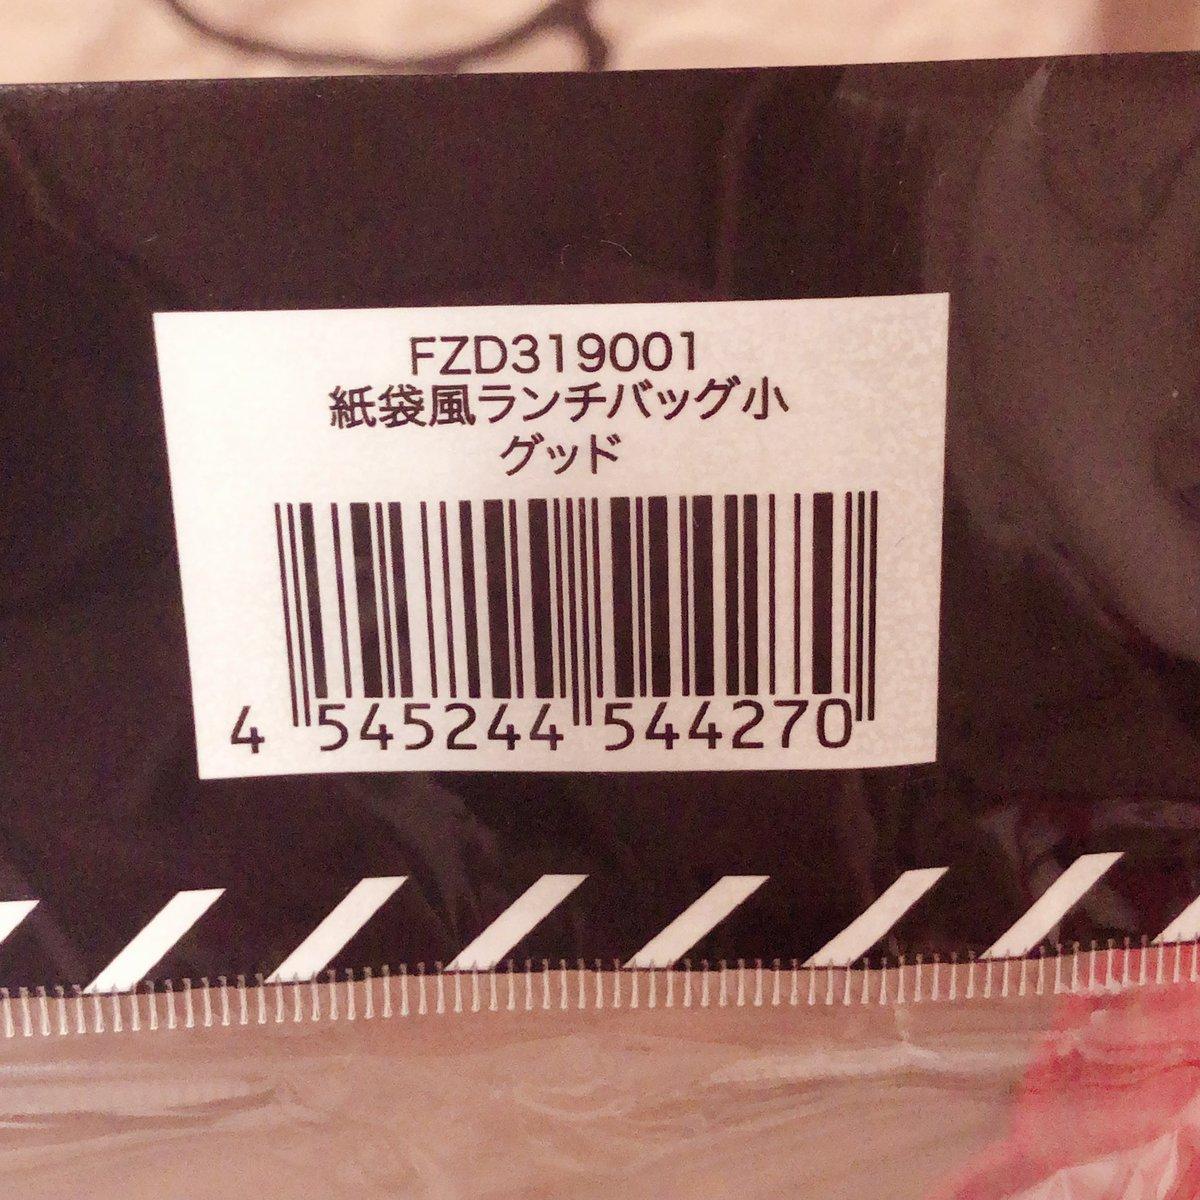 test ツイッターメディア - キャンドゥに売ってたランチポットと紙袋風ランチバッグが可愛い✨  紙袋風というか、外見は本当に紙袋なんだけどね!笑  #キャンドゥ #ランチ #100均 #おしゃれ #キッチン #生活雑貨 https://t.co/tLma3a09jQ